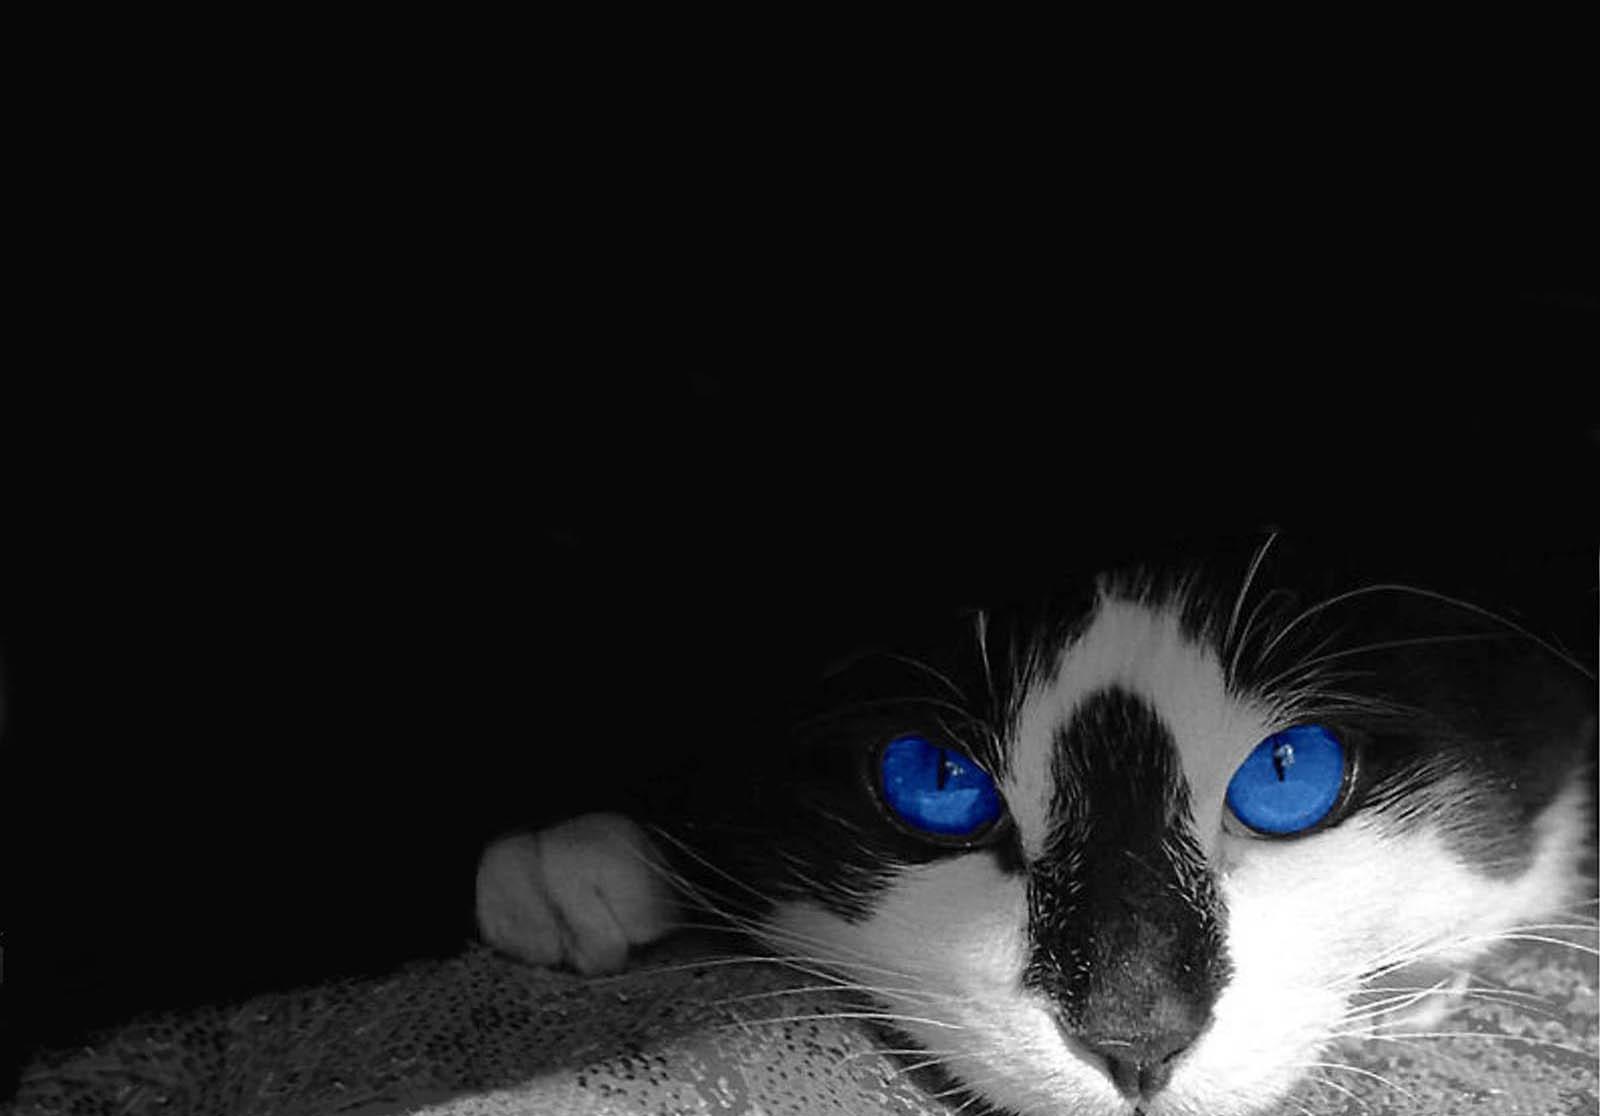 Sfondi bianca fotografia gattini barba gatto nero for Gatti sfondi desktop gratis